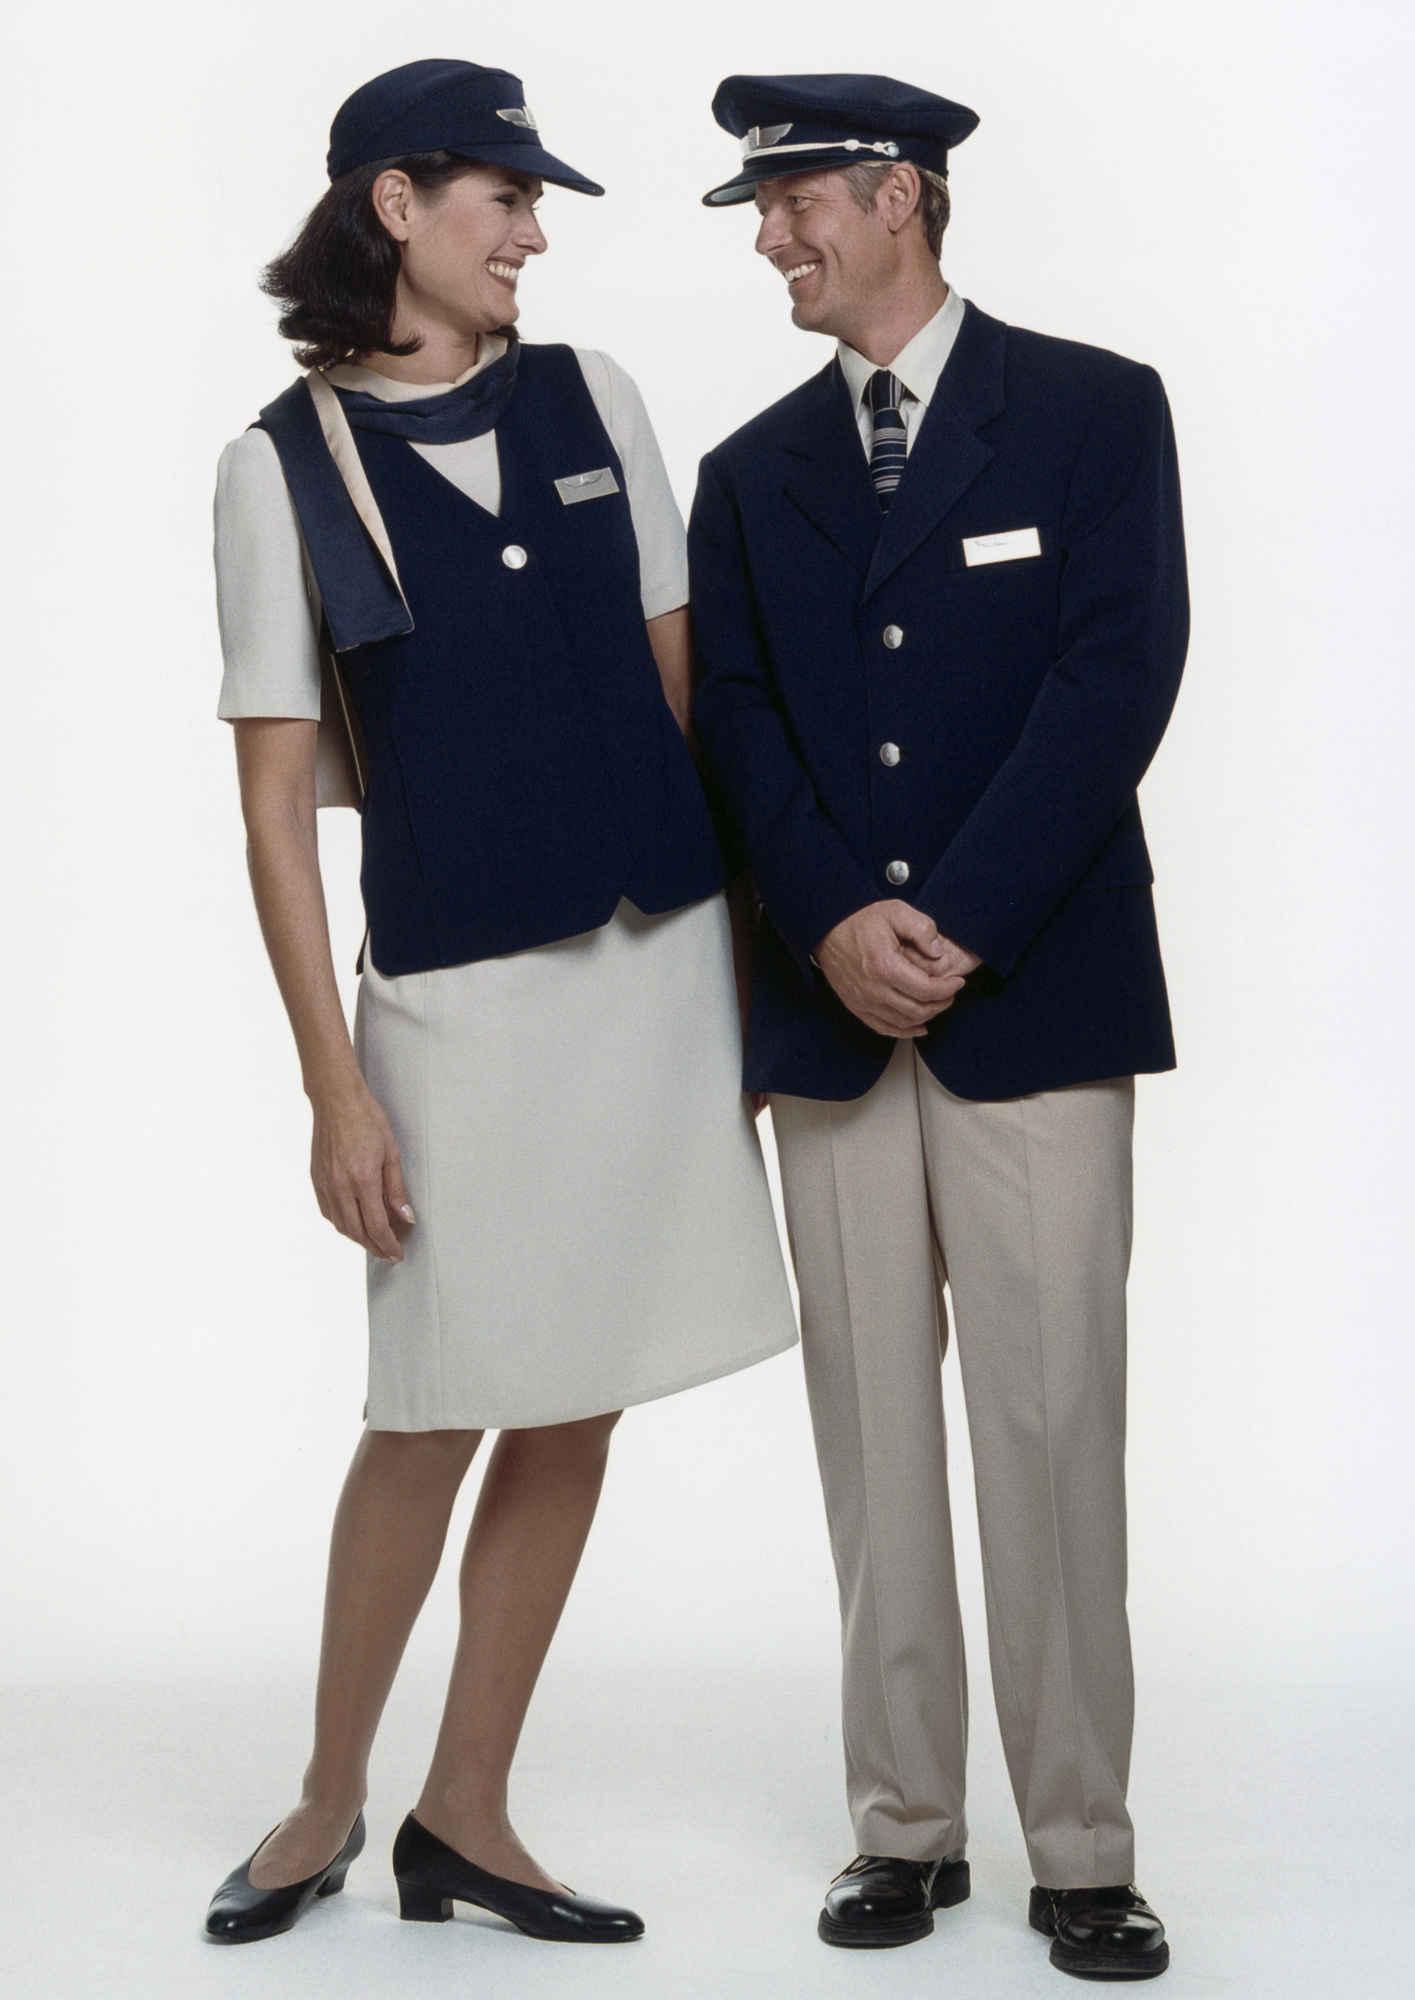 hôtesse_de_lair_uniformes (13)